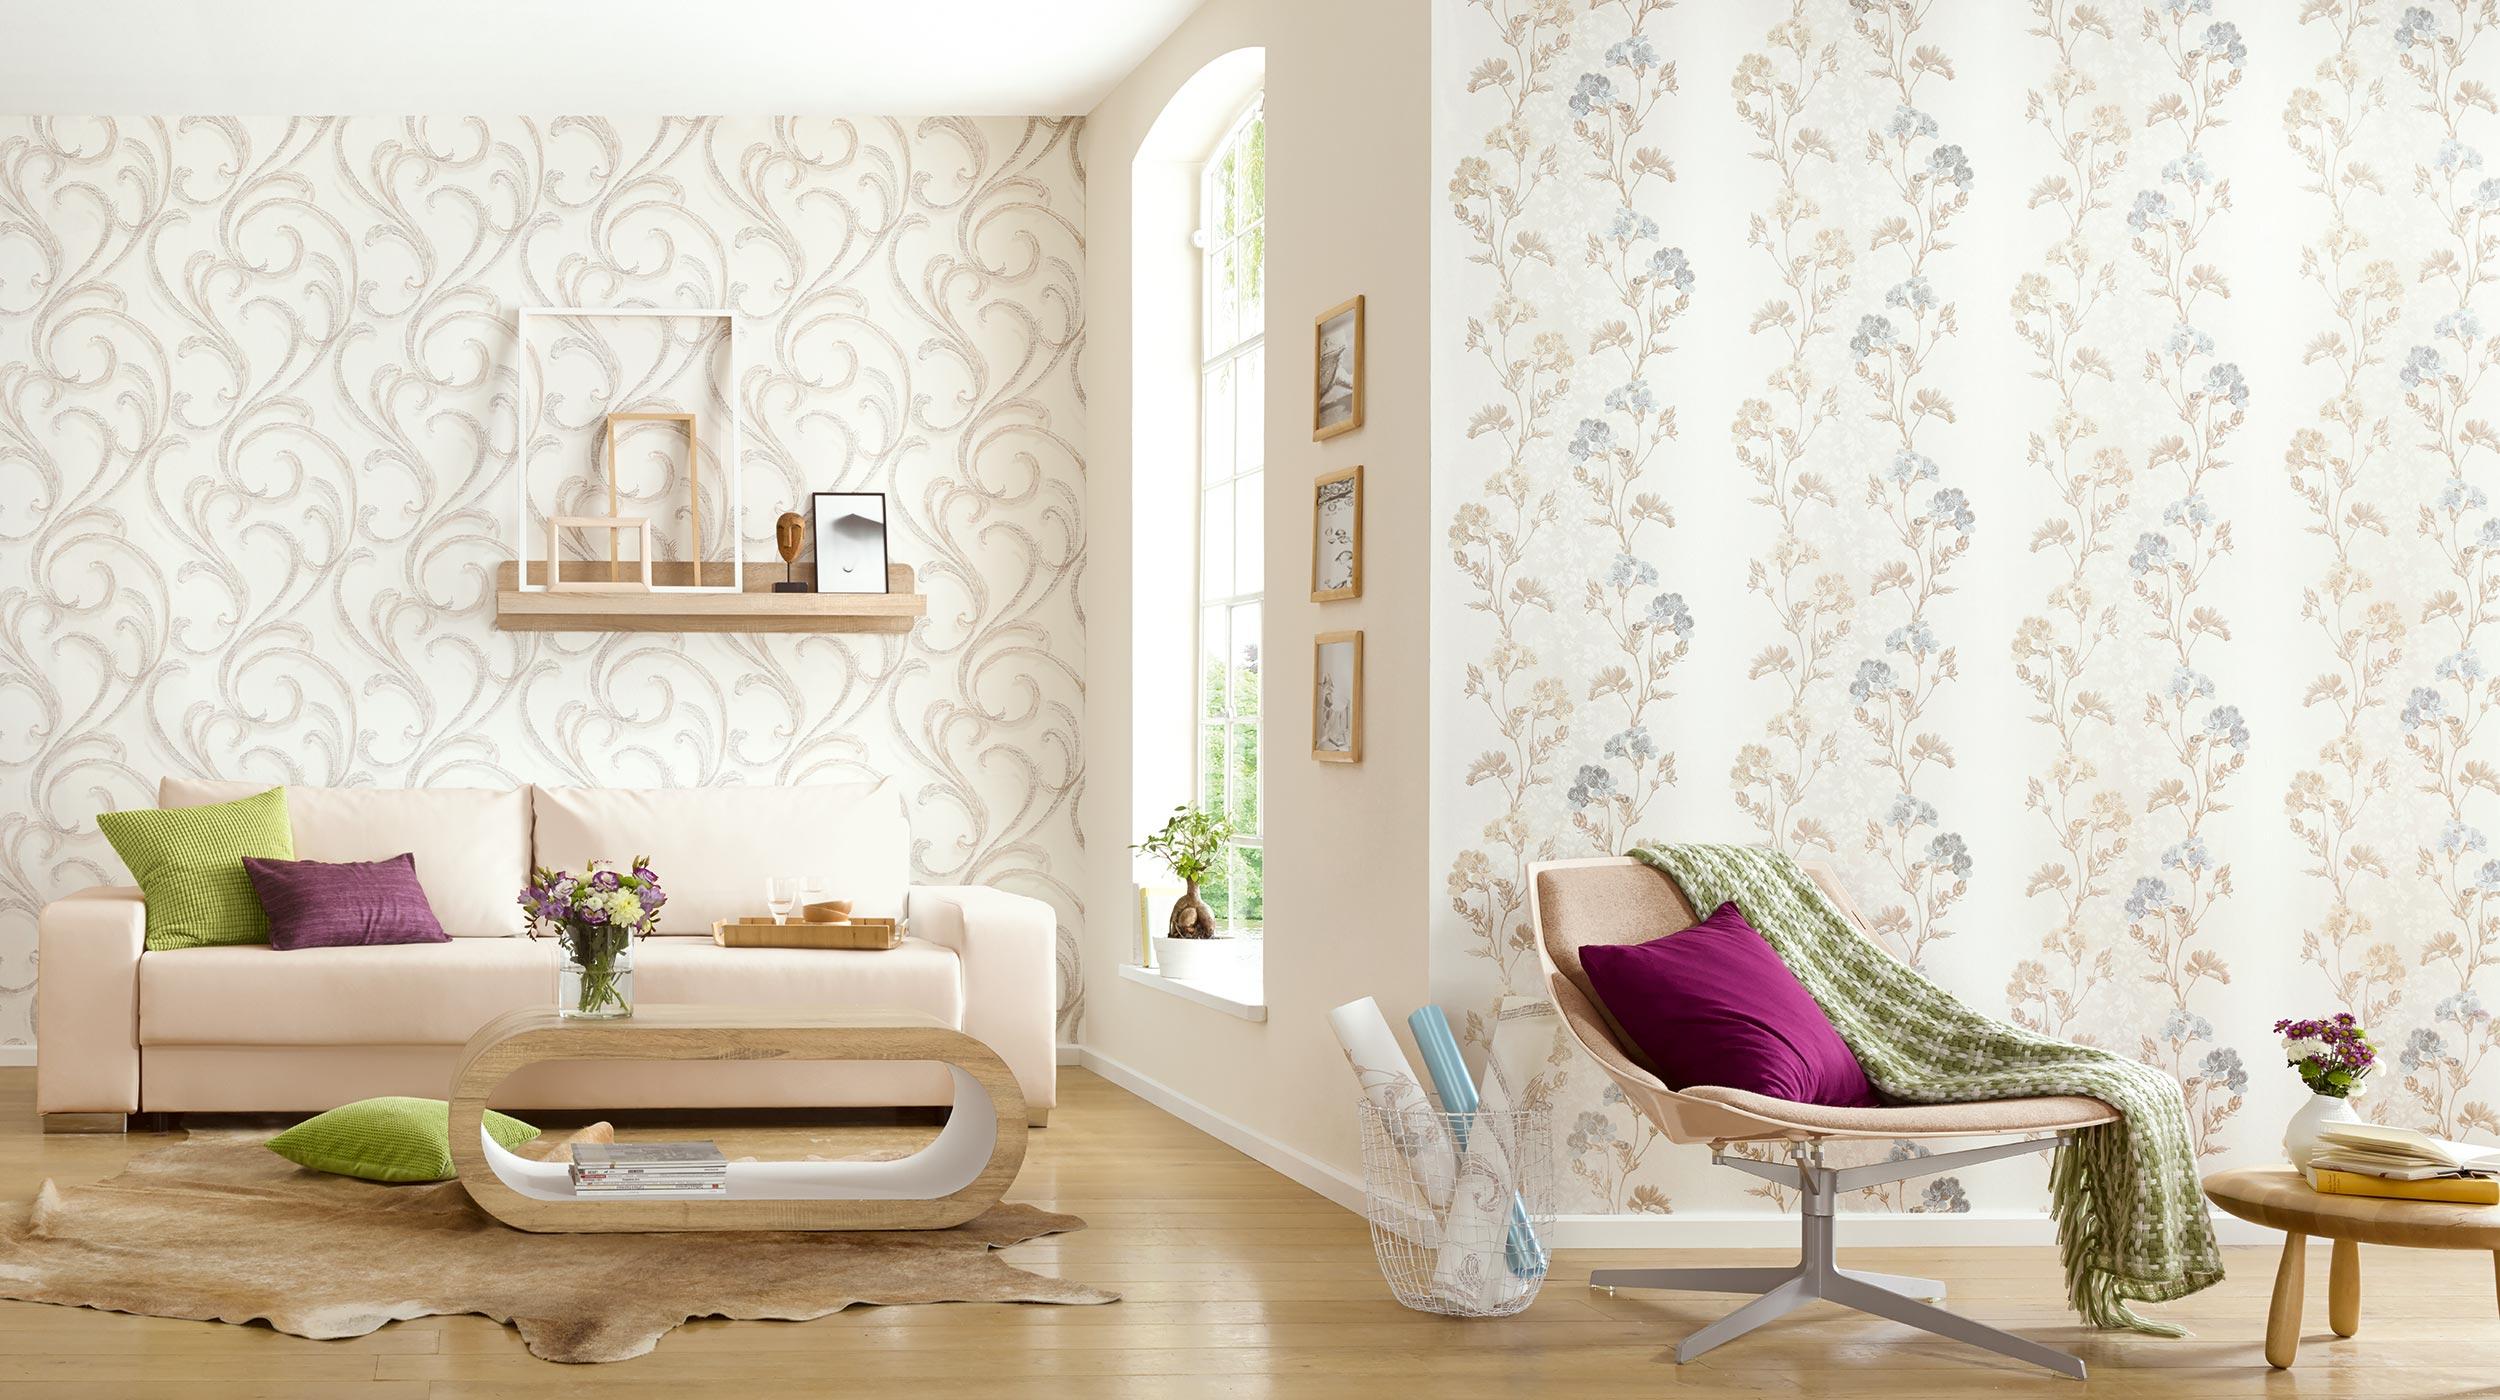 filino-design-vliestapete_8 | erismann & cie. gmbh